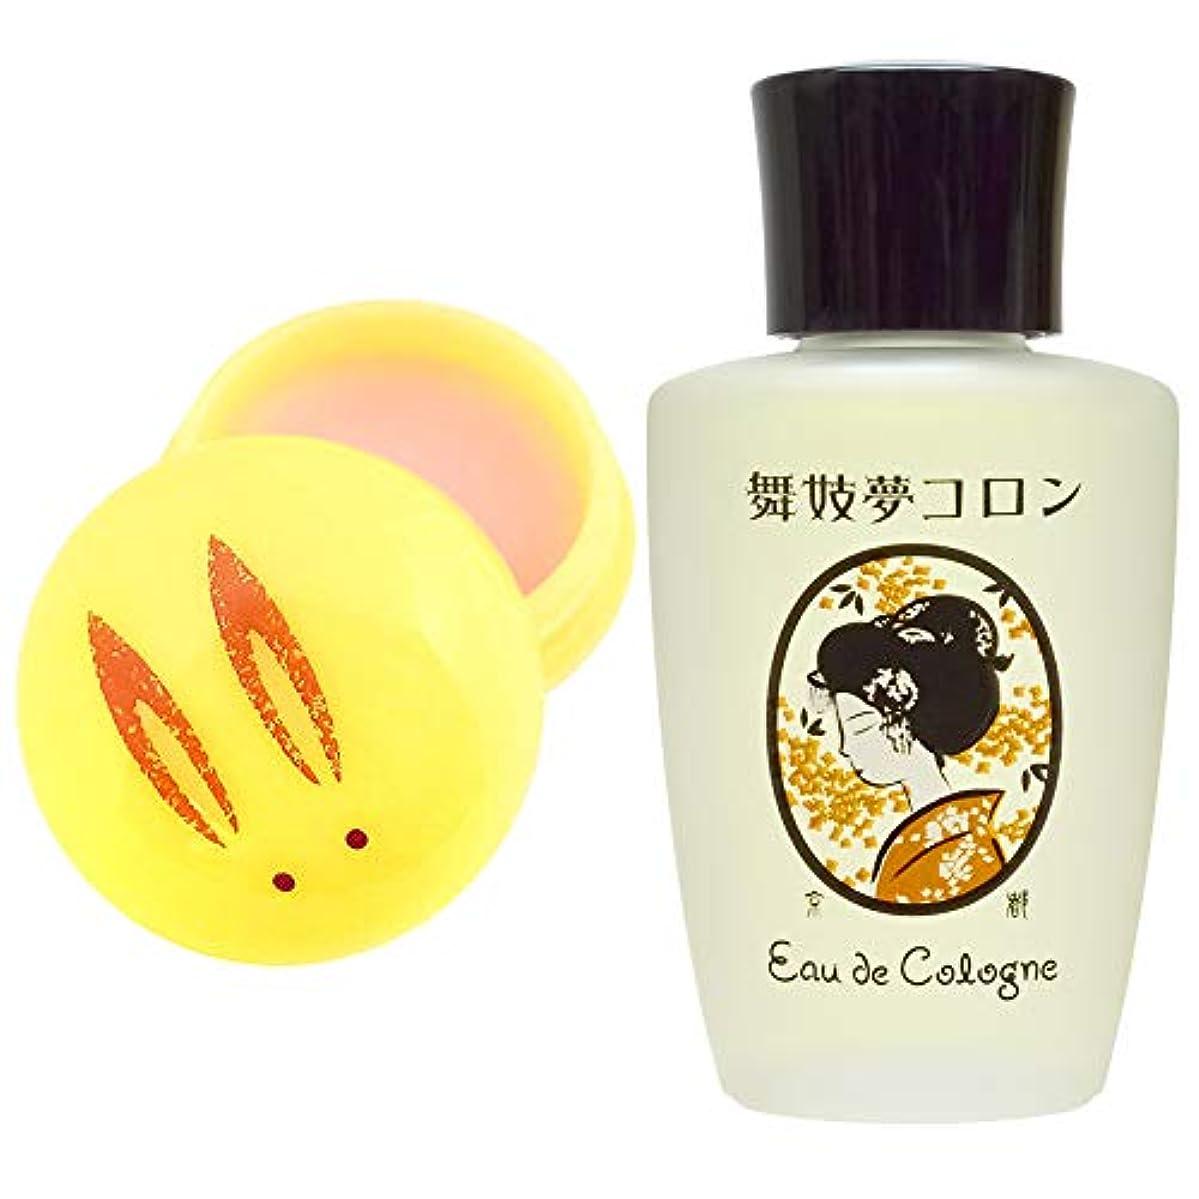 後方ネックレットキノコ京都コスメ 金木犀2点セット「うさぎ饅頭」+「舞妓夢コロン」